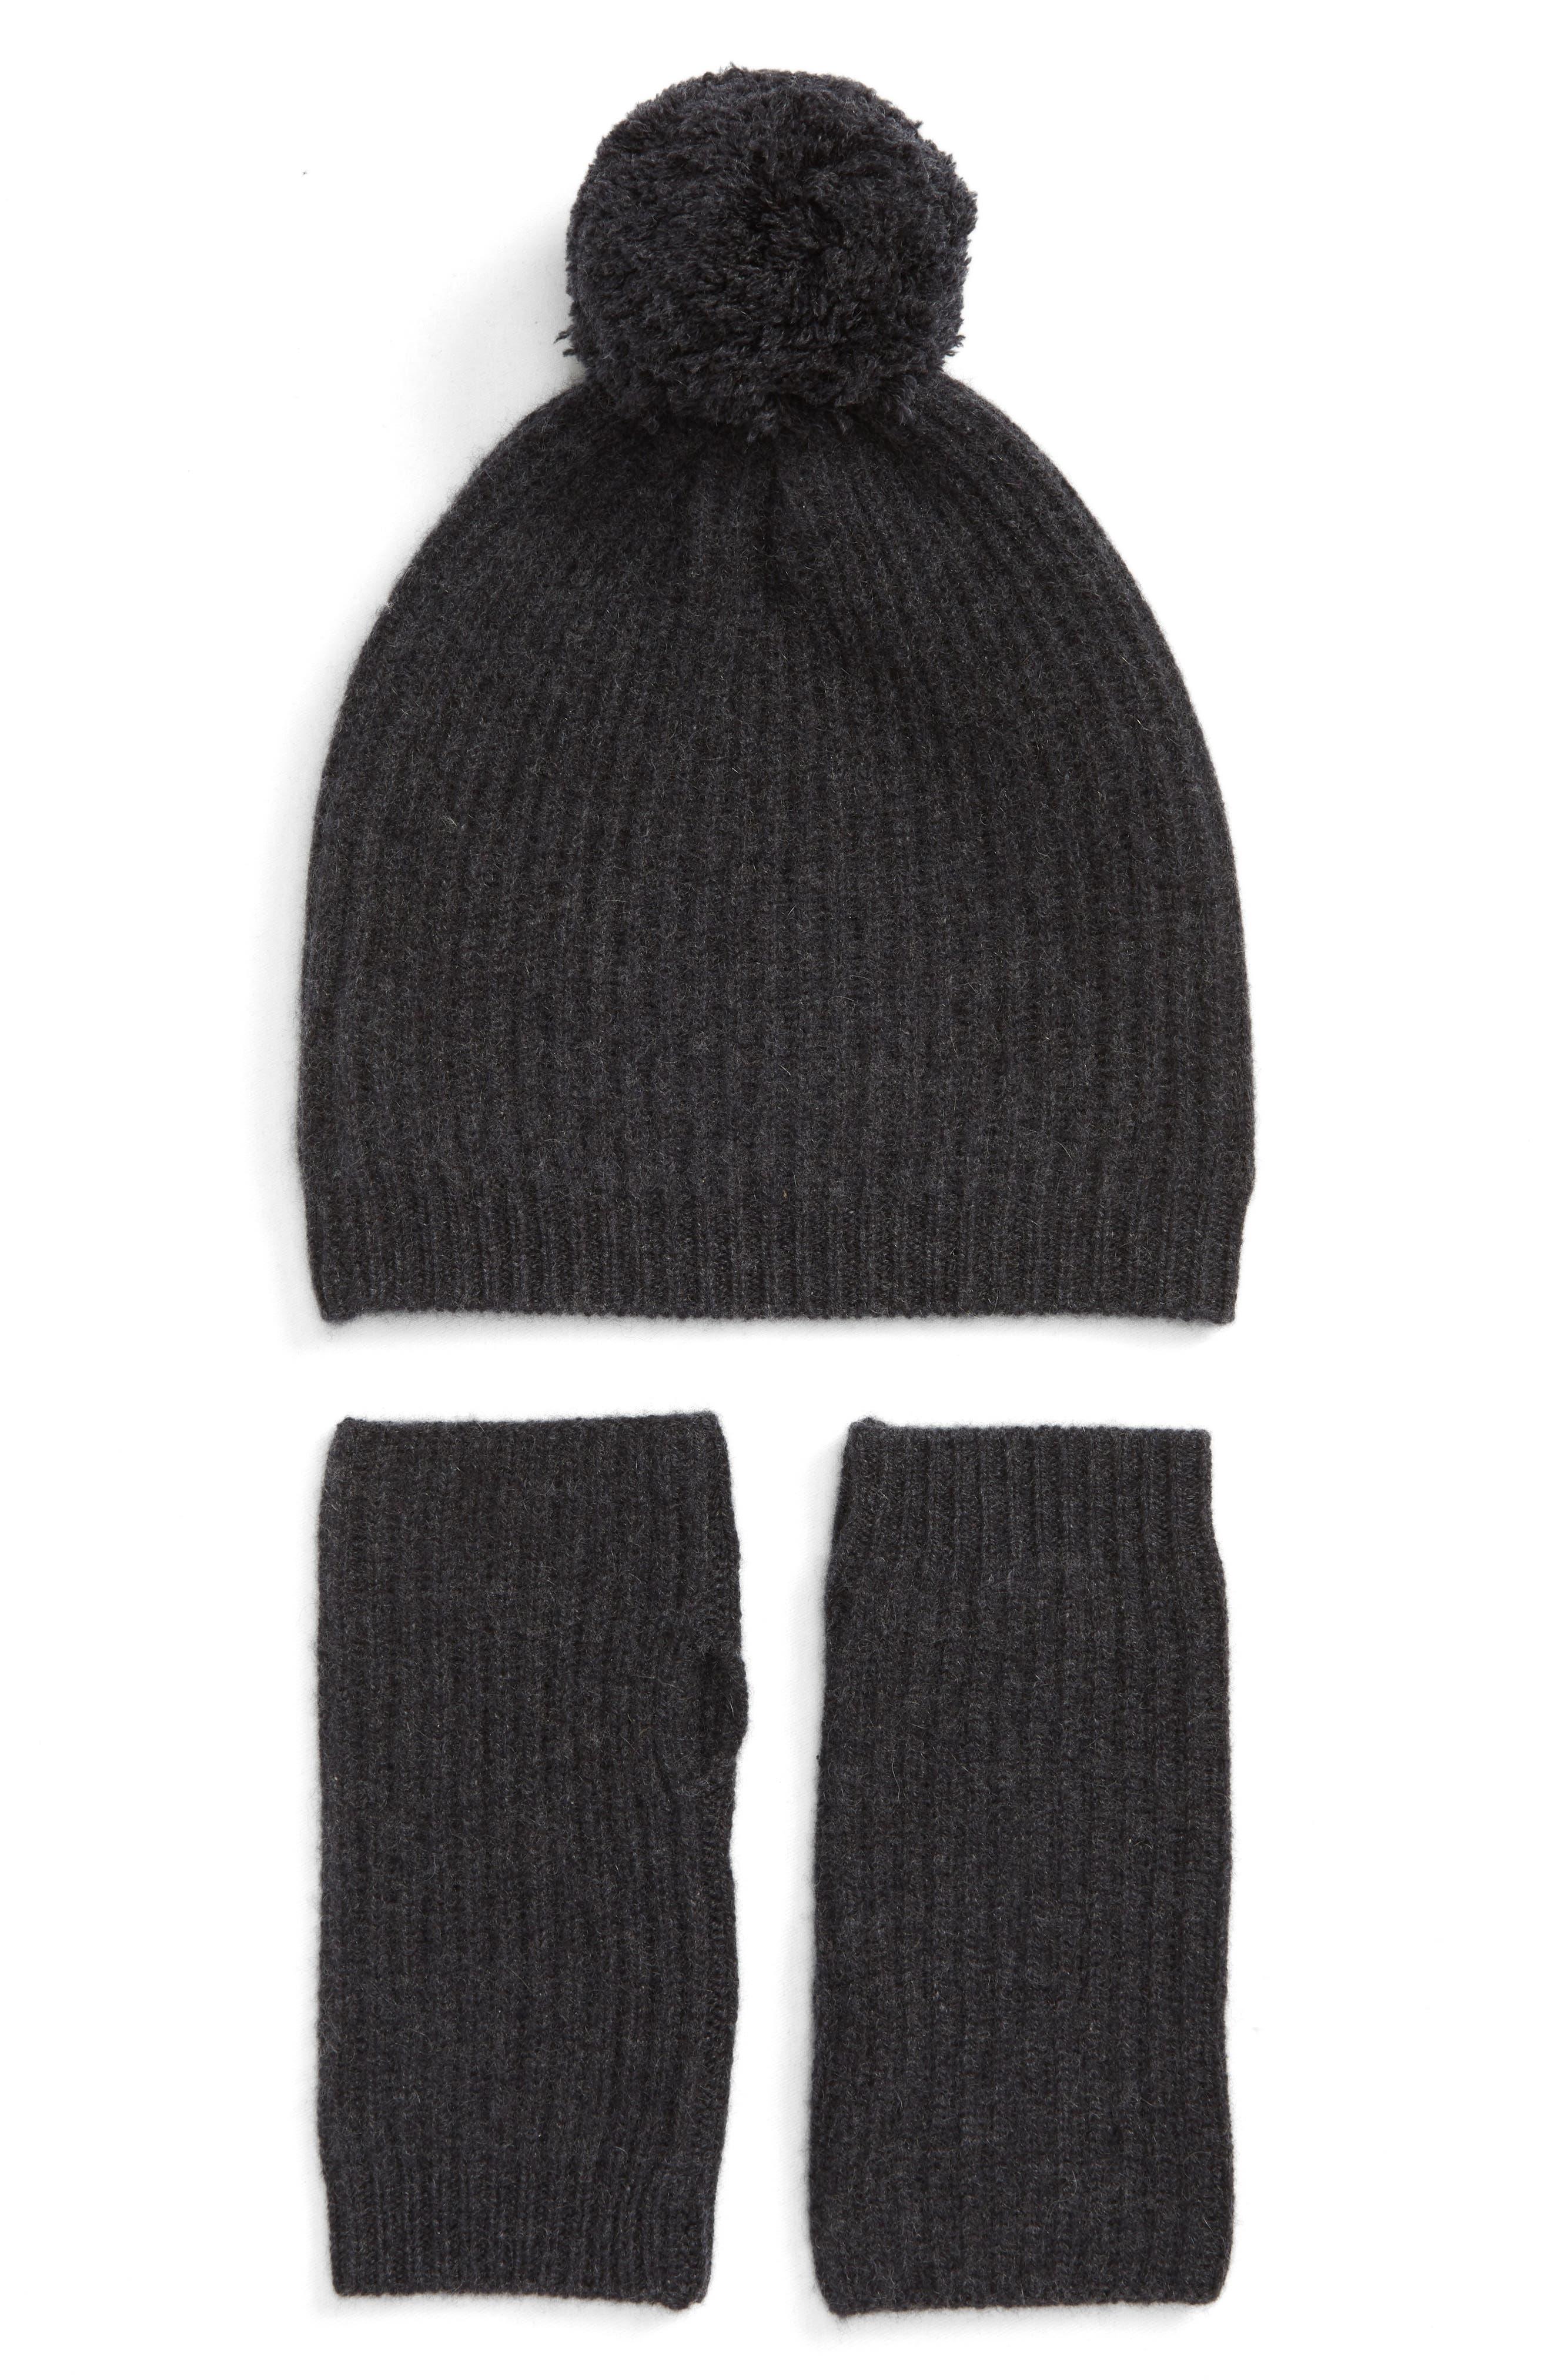 Cashmere Coordinates Hat & Arm Warmer Set,                             Main thumbnail 1, color,                             BLACK ROCK HEATHER